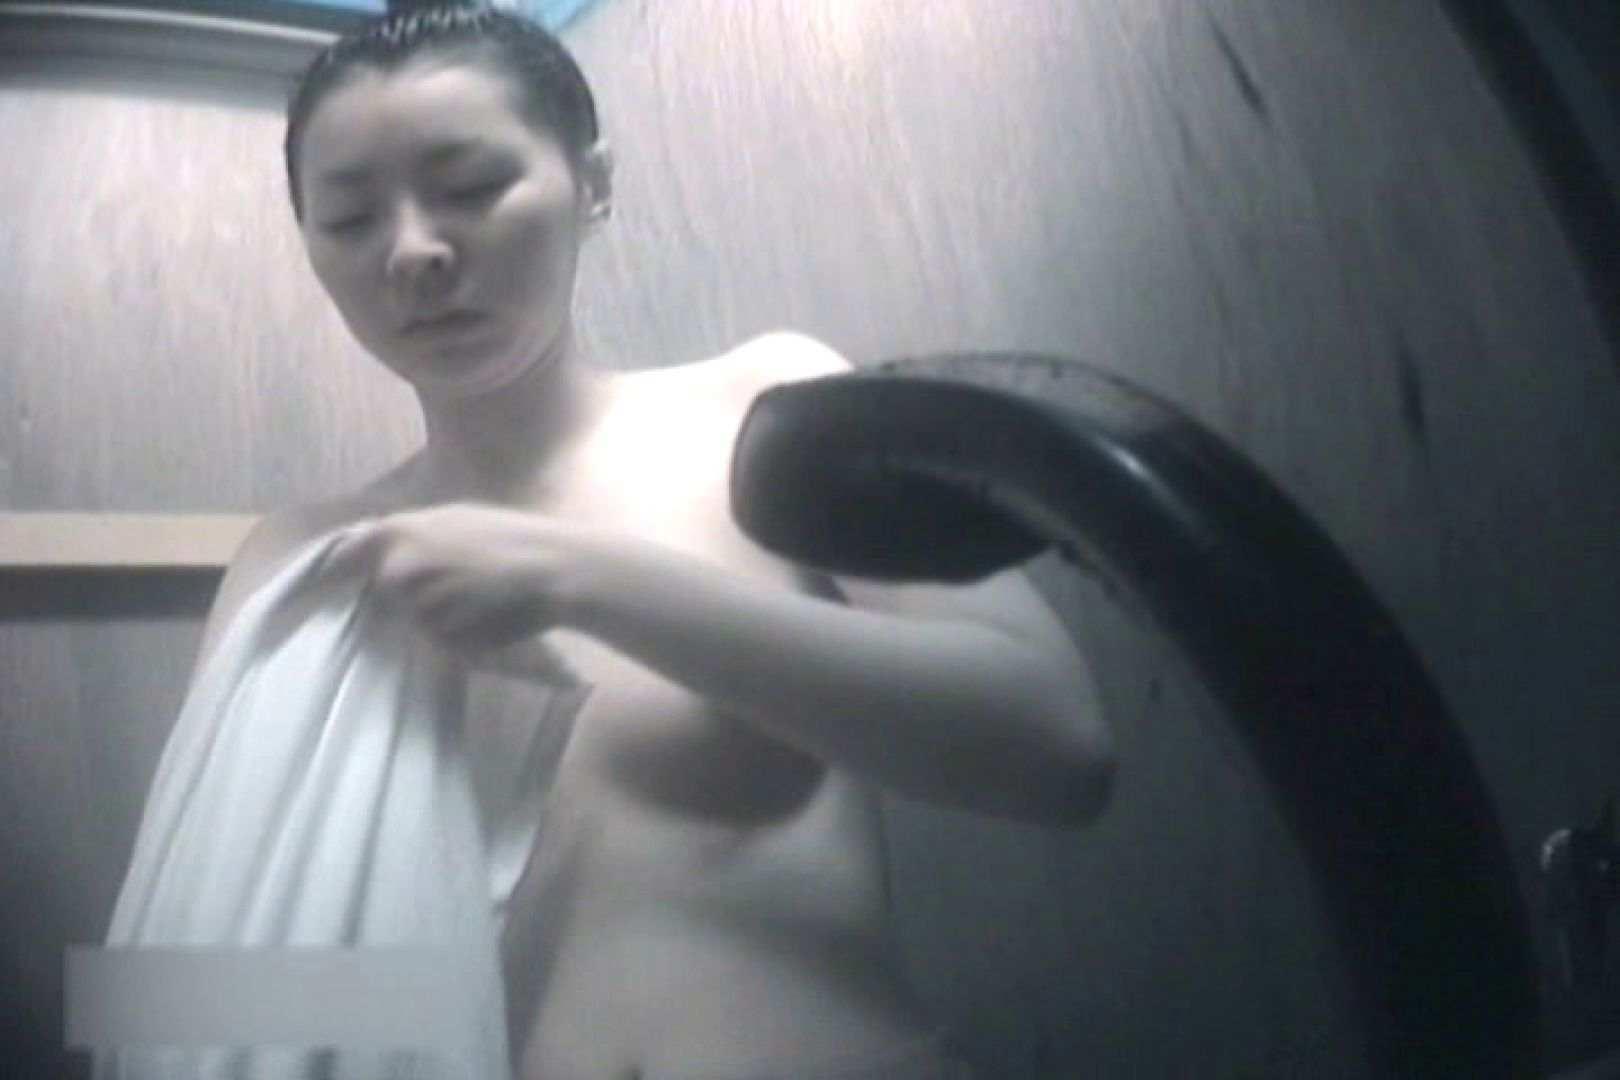 夏海シャワー室!ベトベトお肌をサラサラに!VOL.06 おまんこ無修正 隠し撮りオマンコ動画紹介 75pic 47